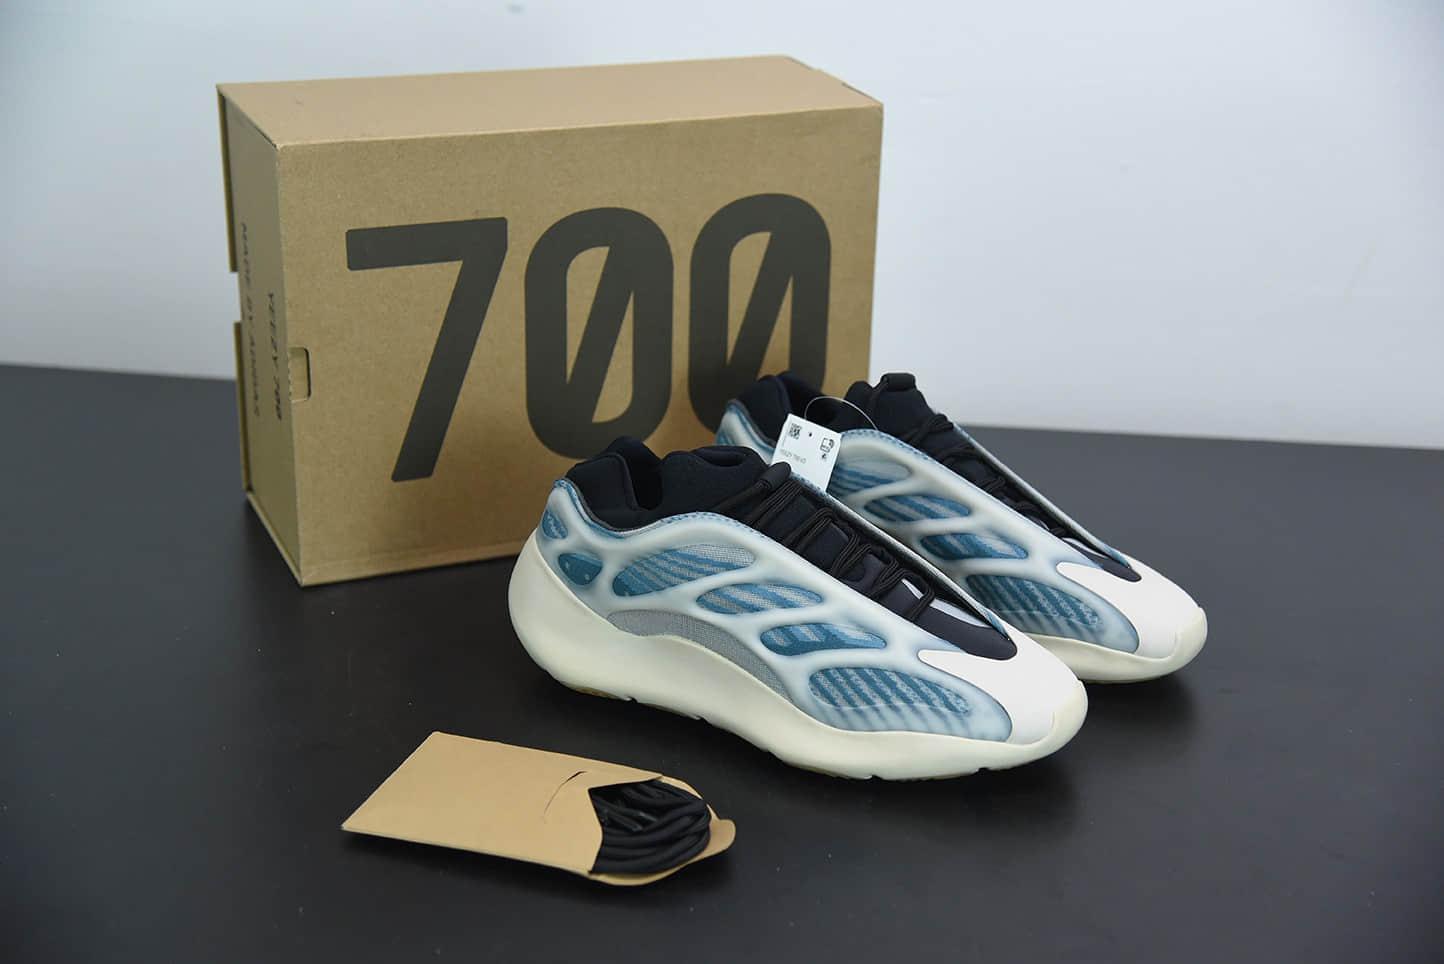 阿迪达斯YEEZY 700 V3 Kyanite蓝晶石低帮复古休闲运动穿搭慢跑鞋纯原版本 货号:GY0260